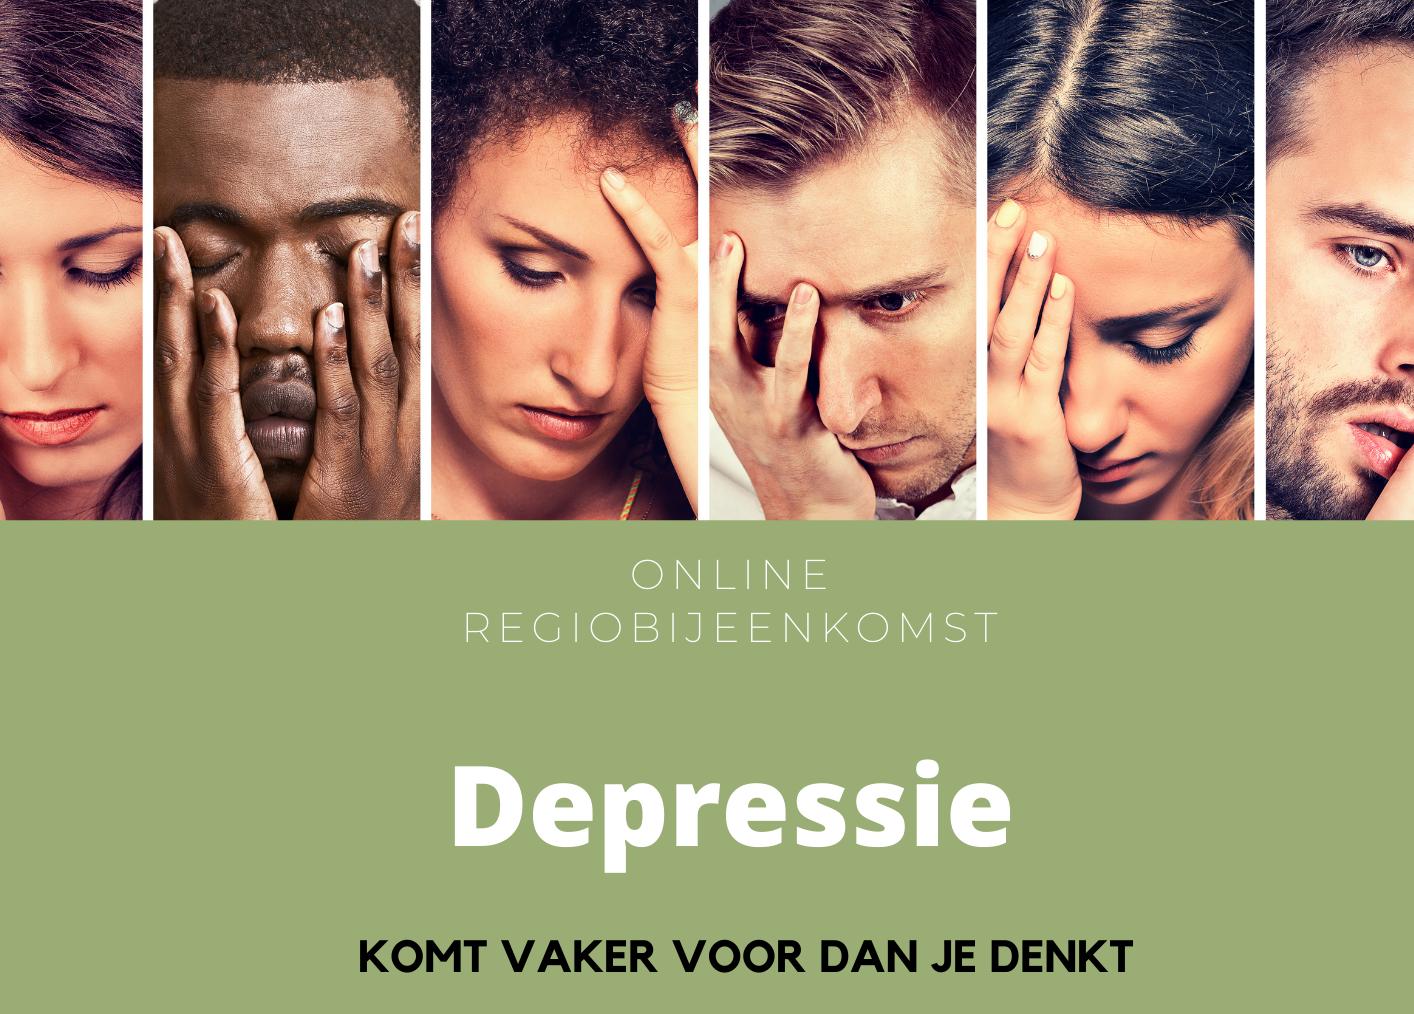 Depressie komt vaker voor dan je denkt